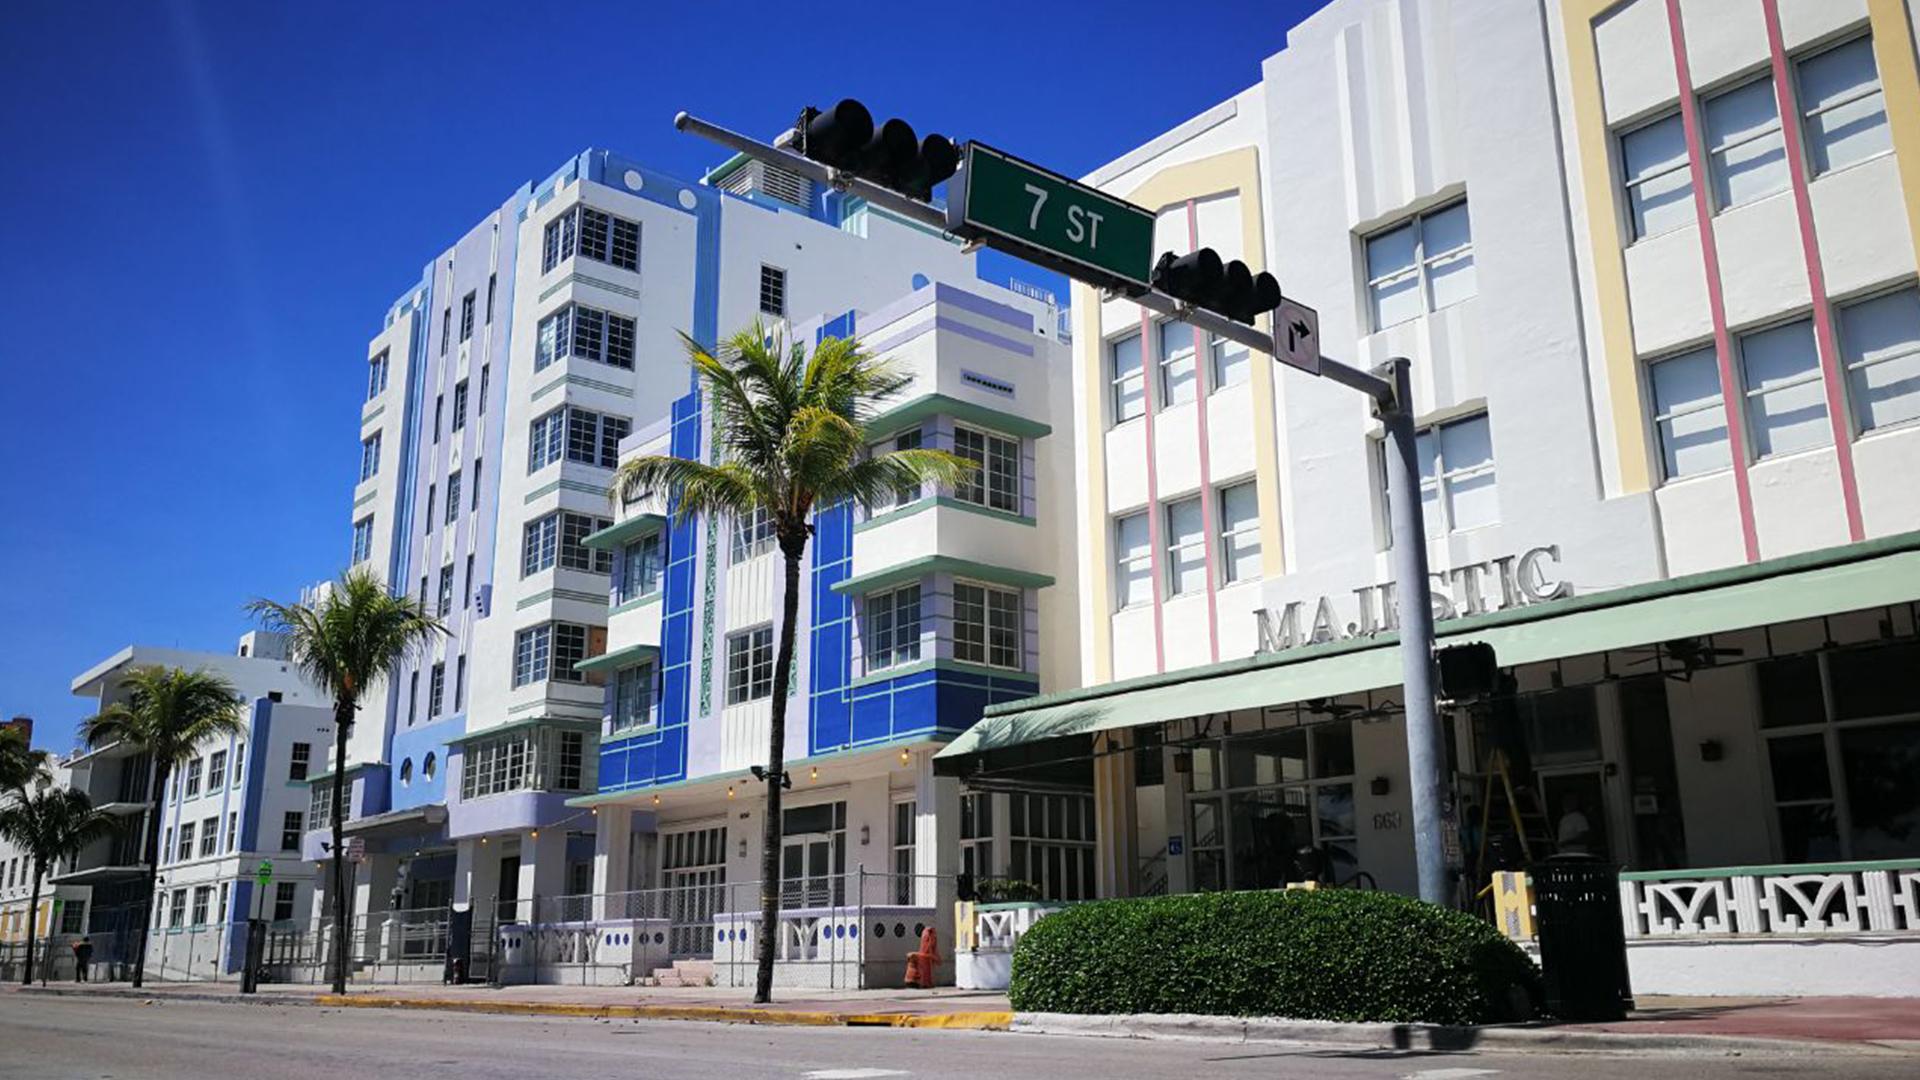 Ocean Drive, otra de las tradicionales arterias de Miami. Nadie a la vista, todo el mundo en refugios (Infobae)